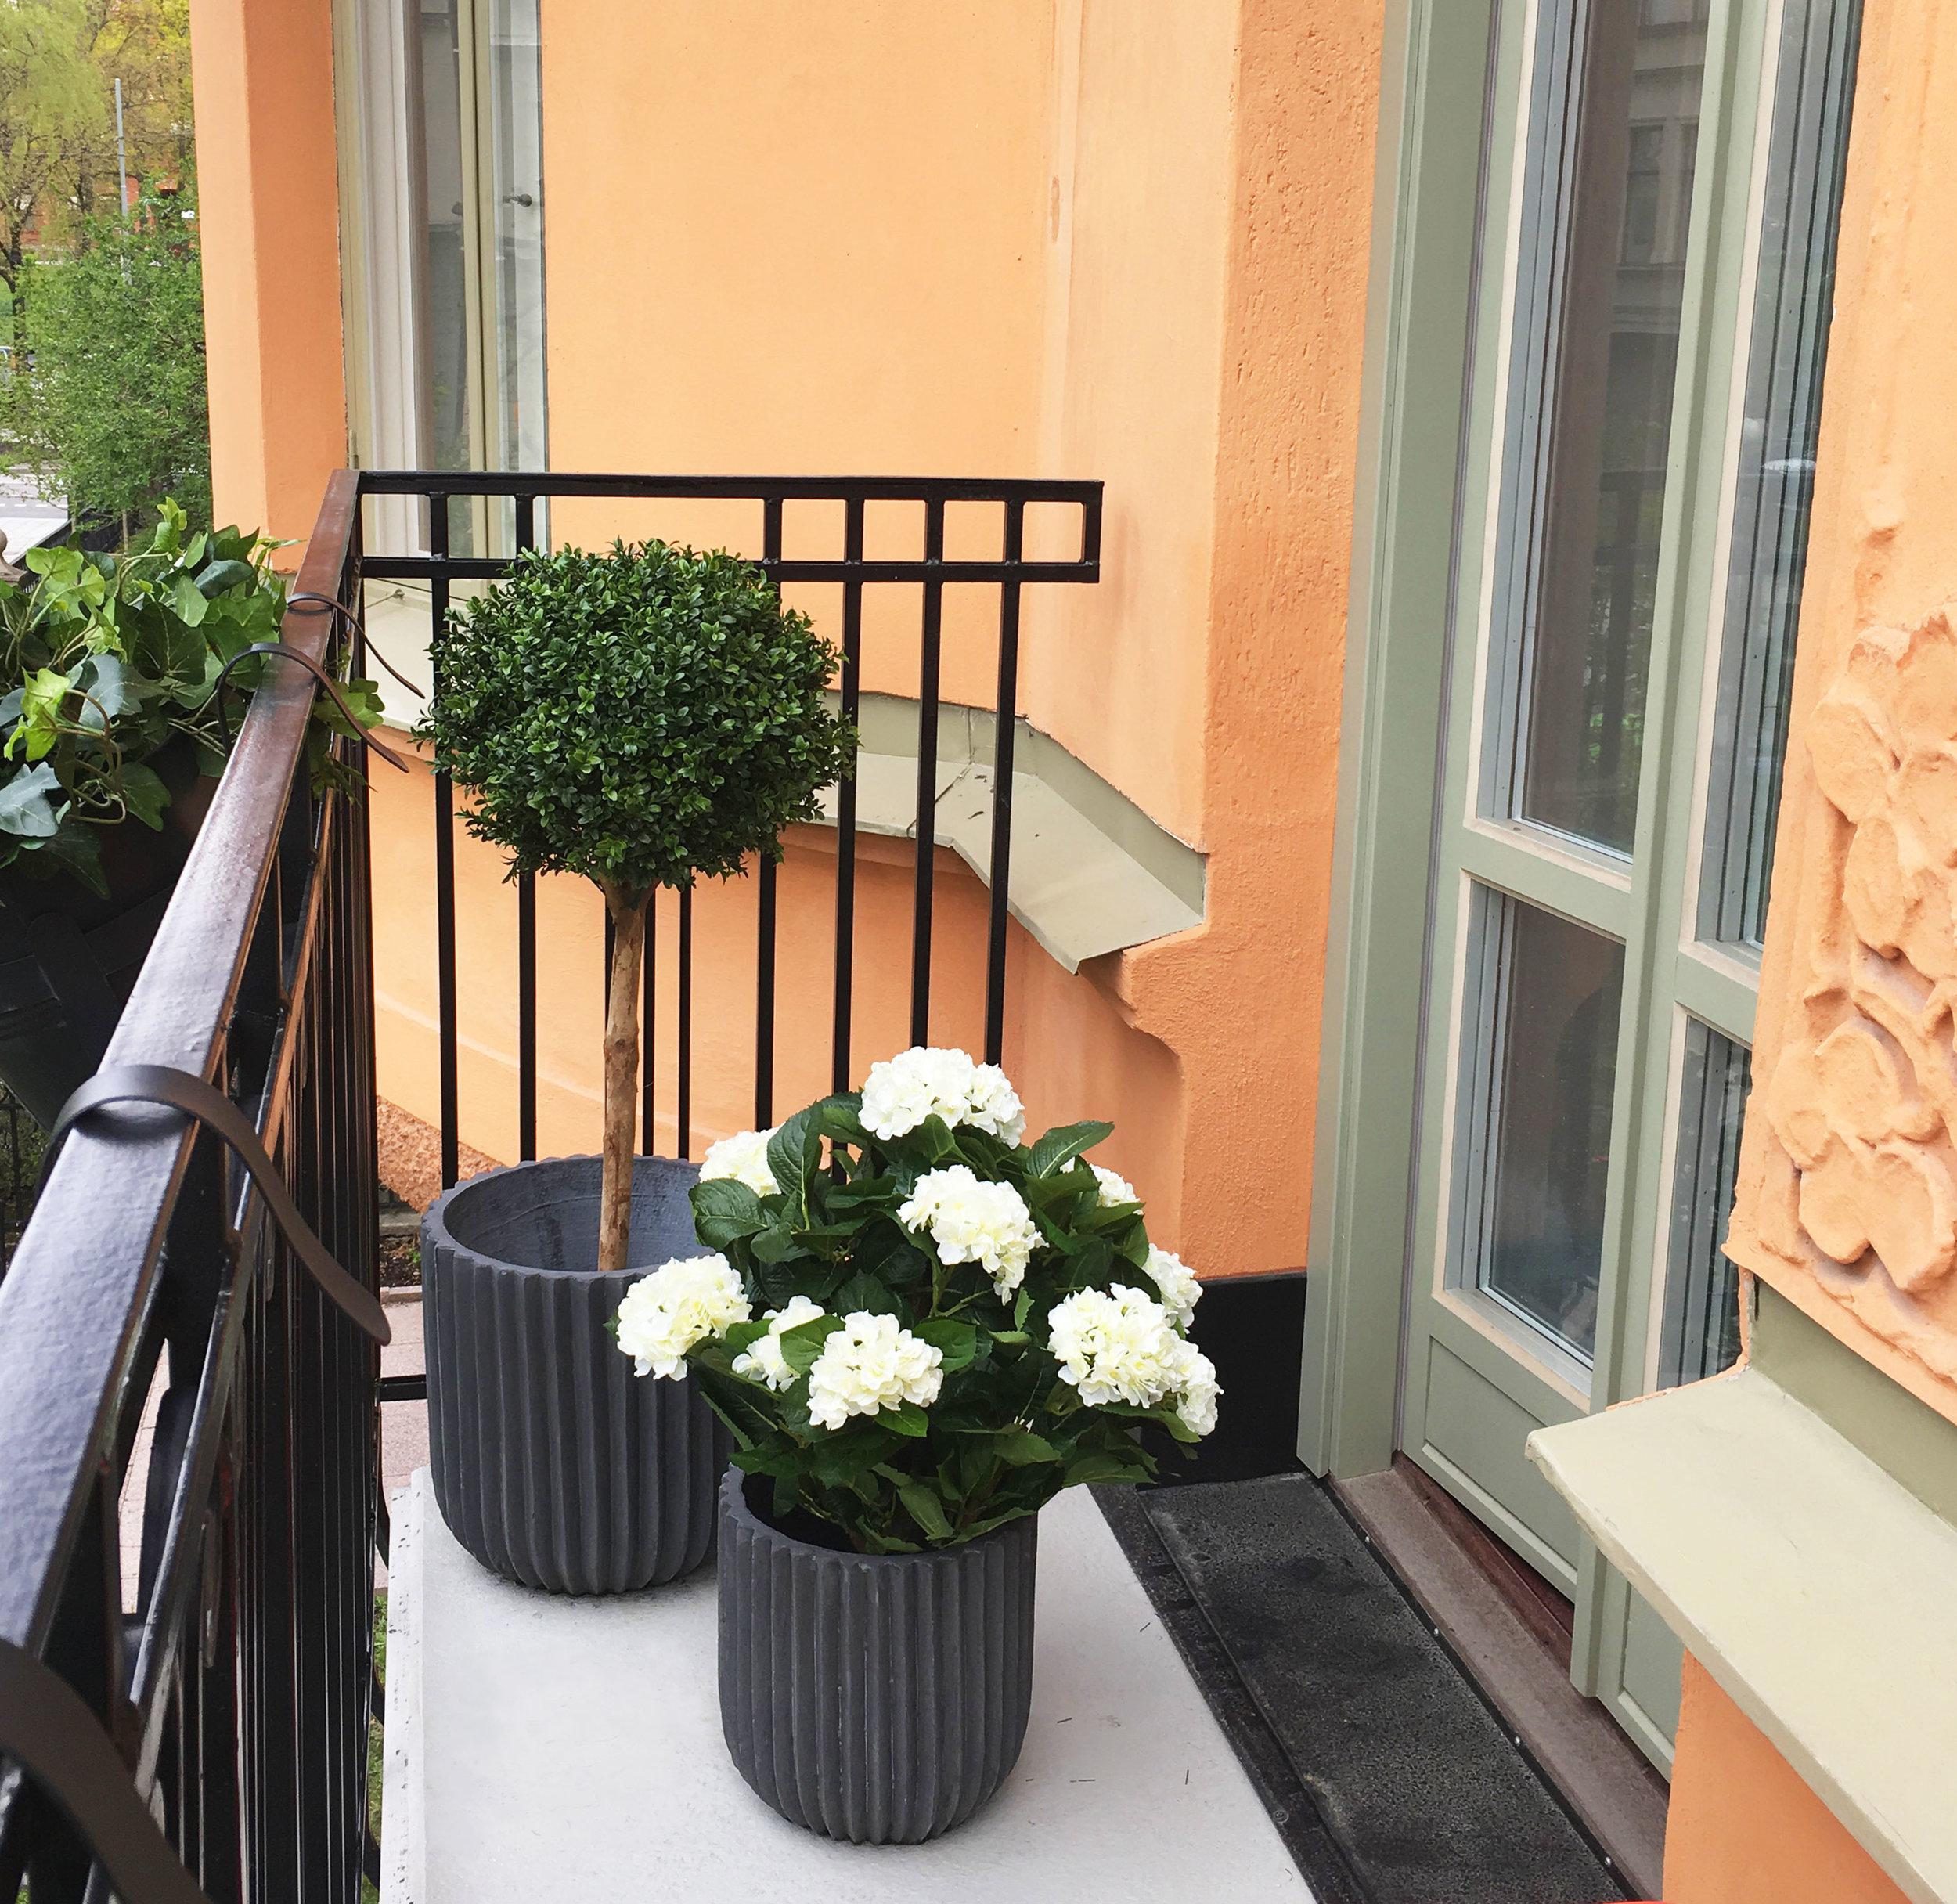 balkong.jpg